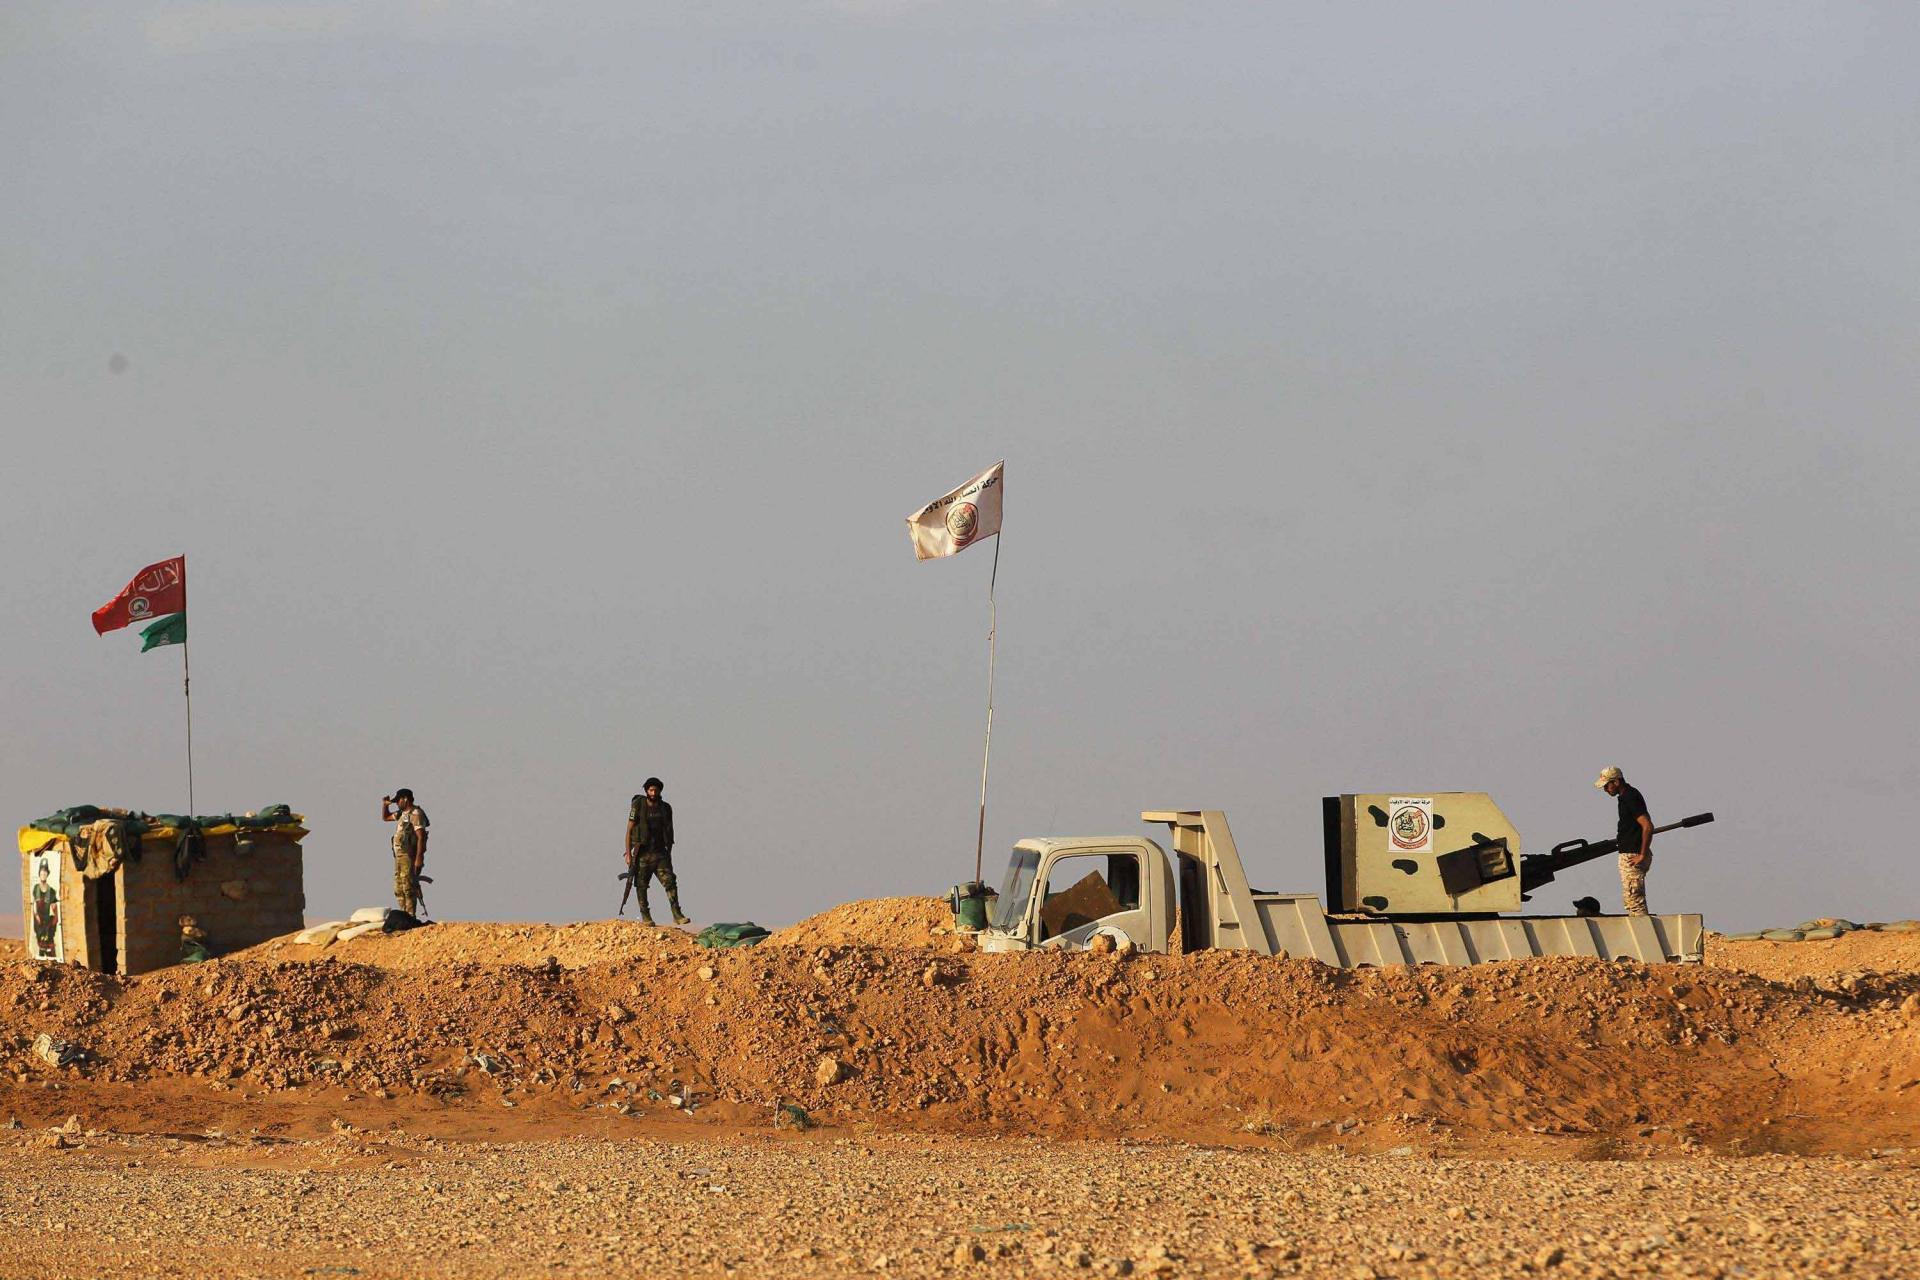 المرصد: فصائل موالية لإيران ترتكب مجزرة في بادية حماة ضحيتها 16 مدنياً ما بين قتيل وجريح